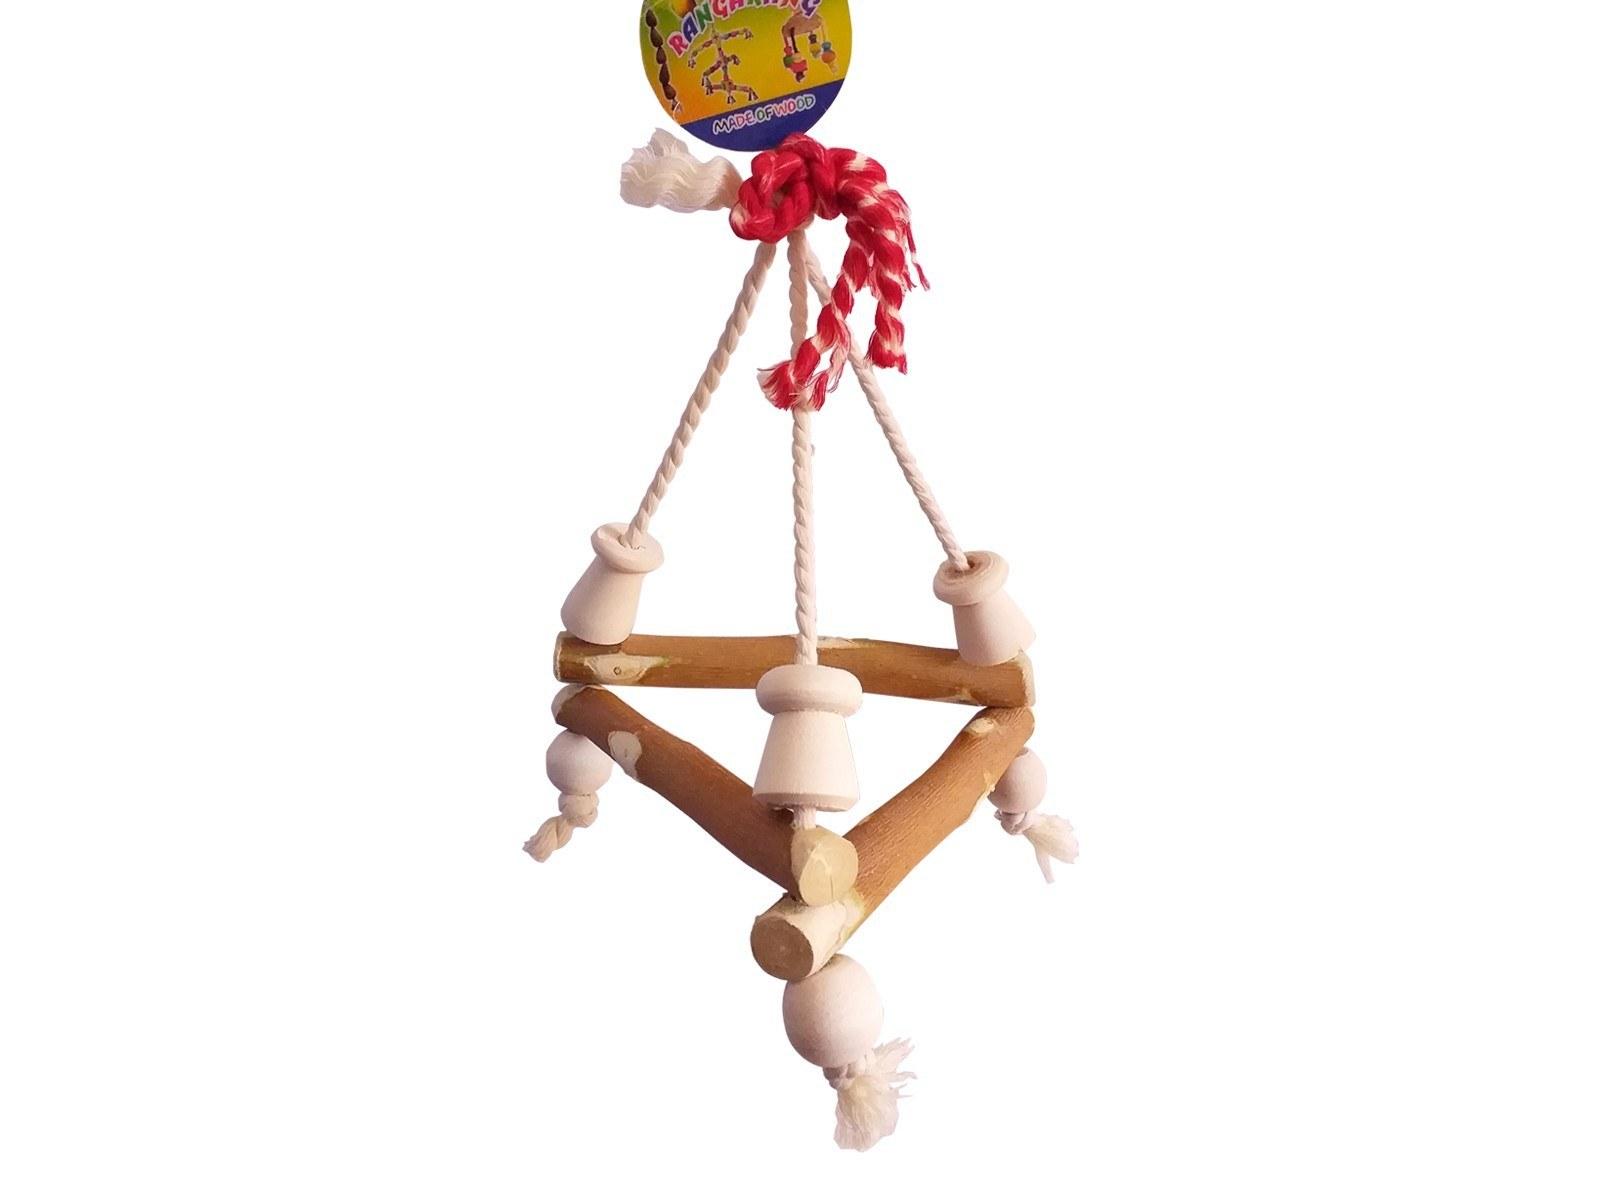 تصویر اسباب بازی تاب طوطی سانان و پرندگان - بازی چوبی تاب مدل 2082